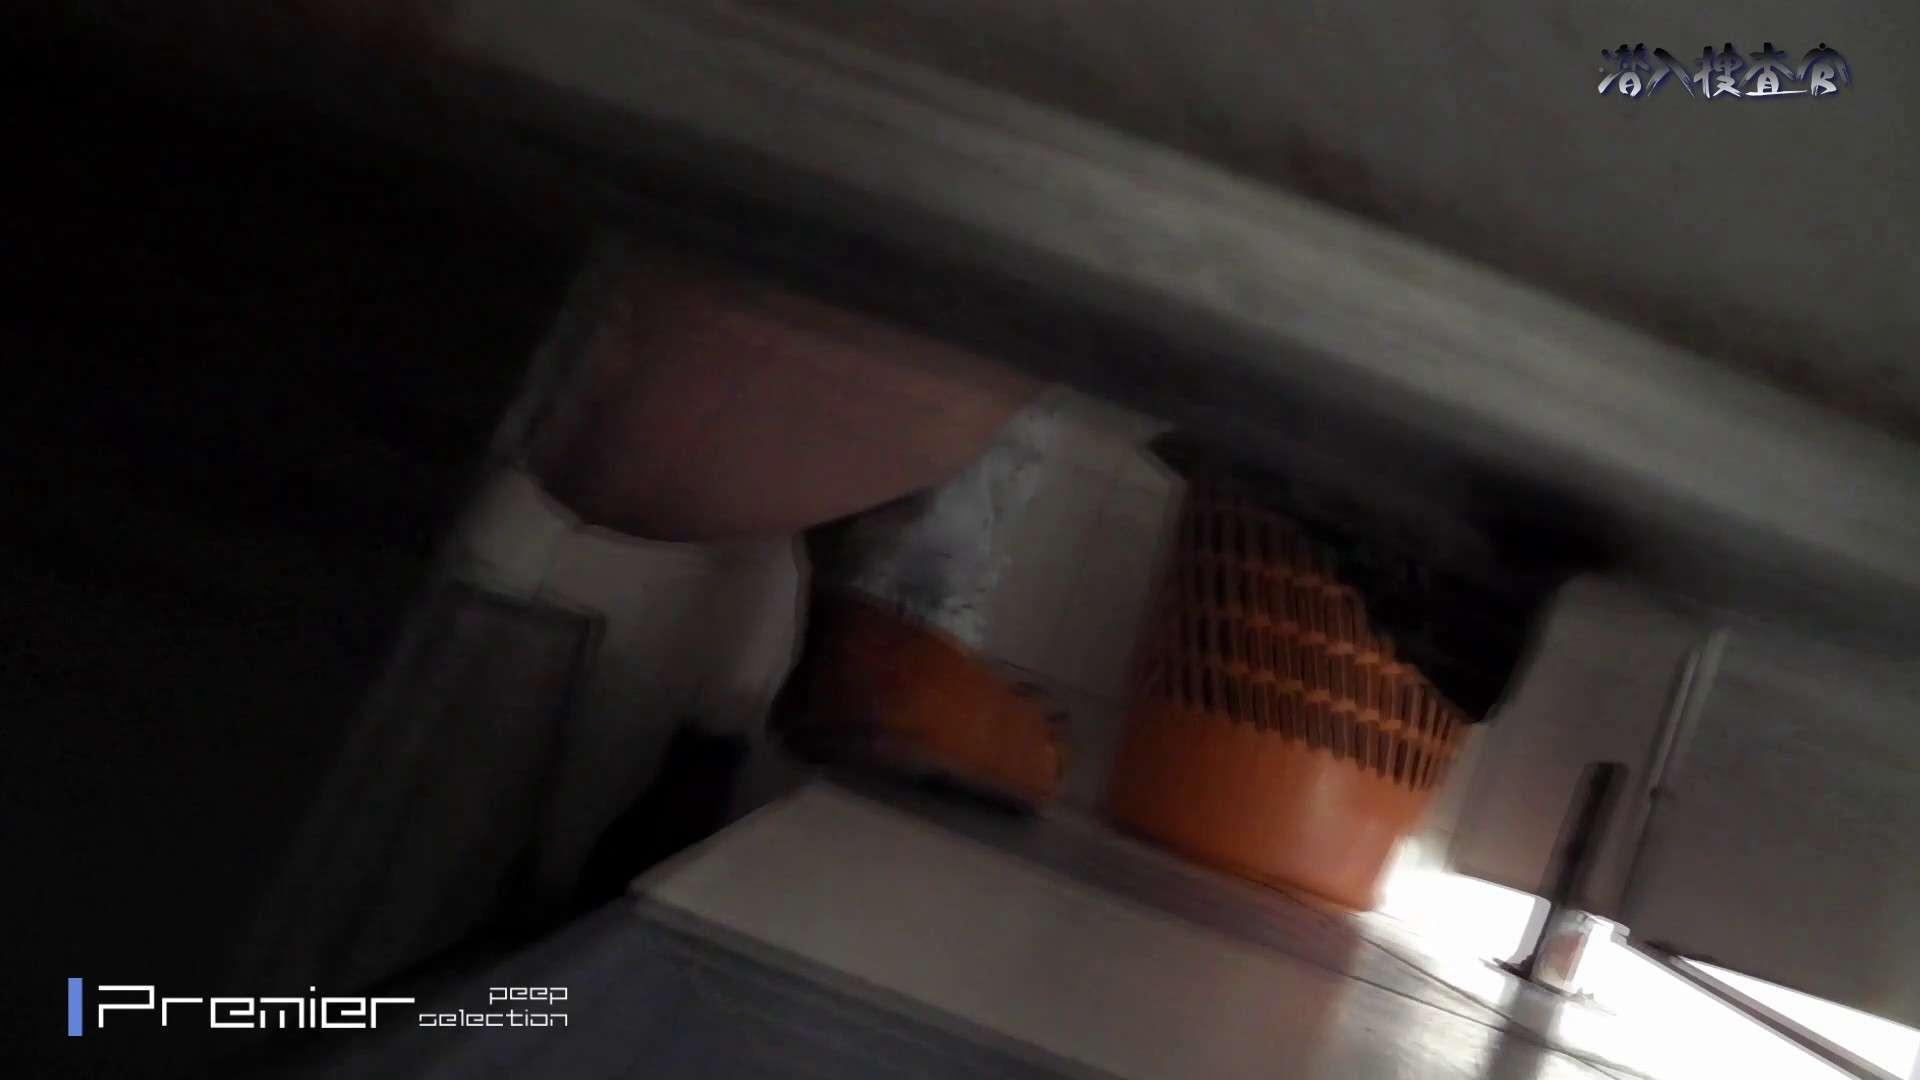 下からノゾム vol.041 携帯に夢中、後ろに居るカメラはやりたい放題! 美乳 ワレメ動画紹介 77枚 25